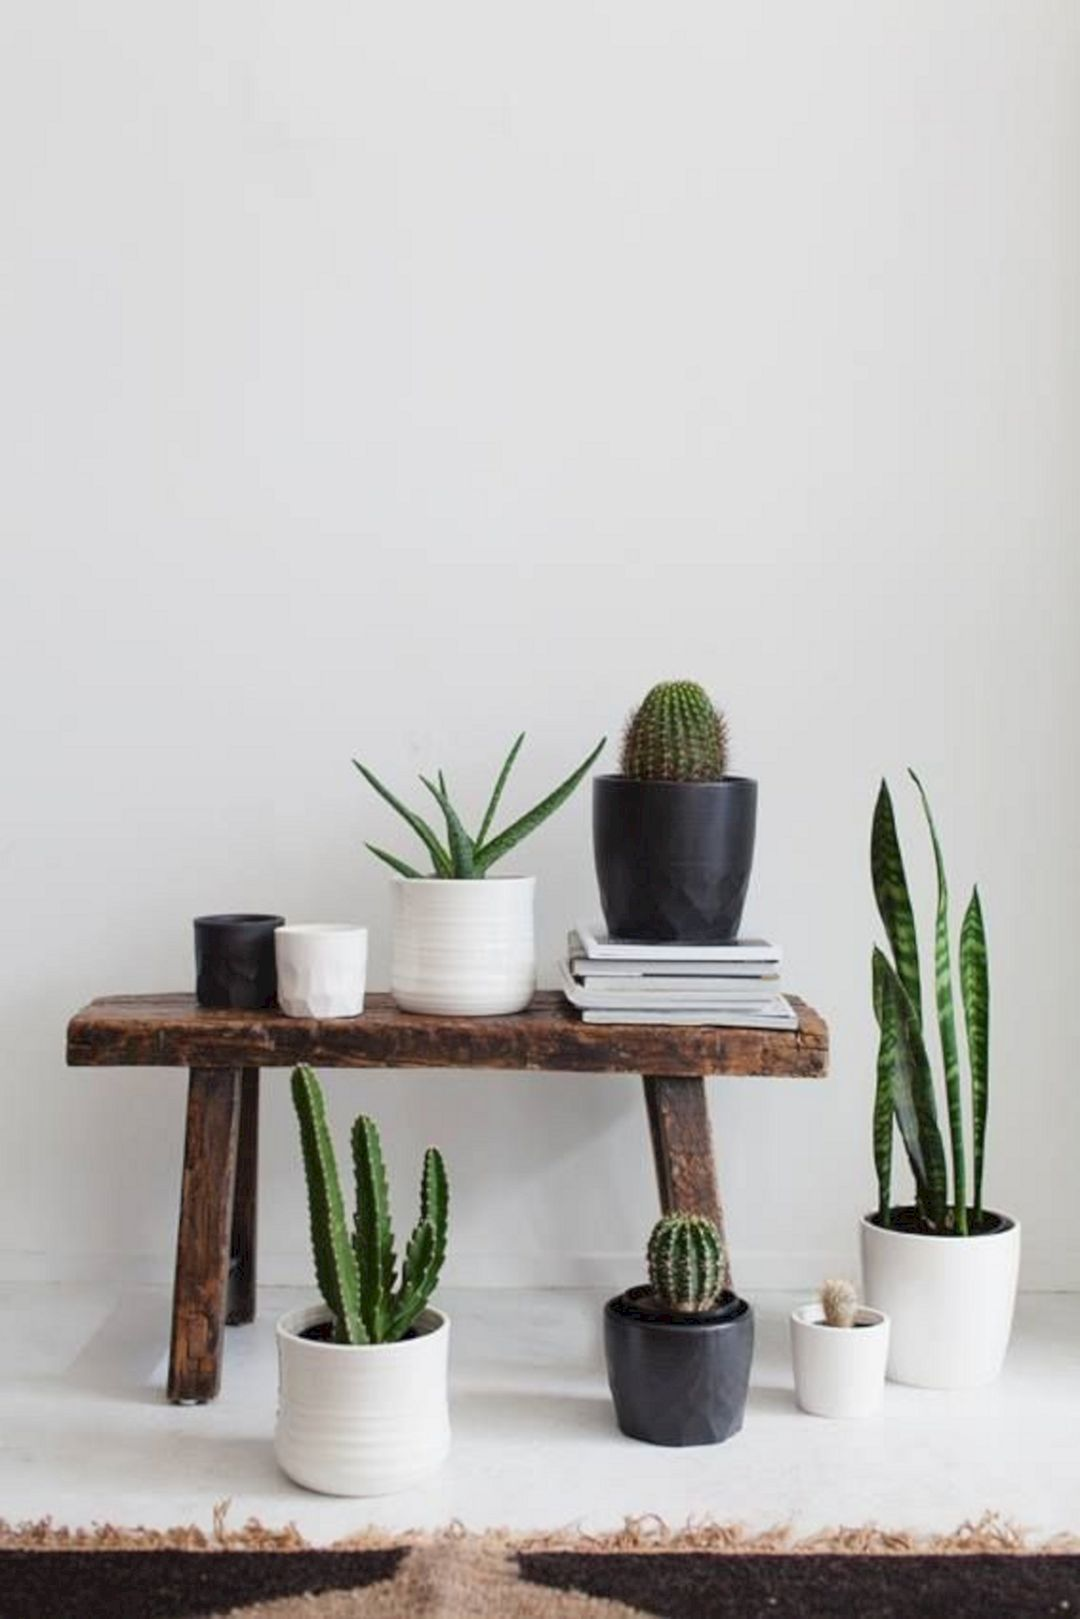 Astounding 25 Amazing Cactus Home Decor To Improve Your Home Beauty Https Freshouz Com 25 Amazing Cactus Home De Minimalist Home Decor Interior Plants Decor